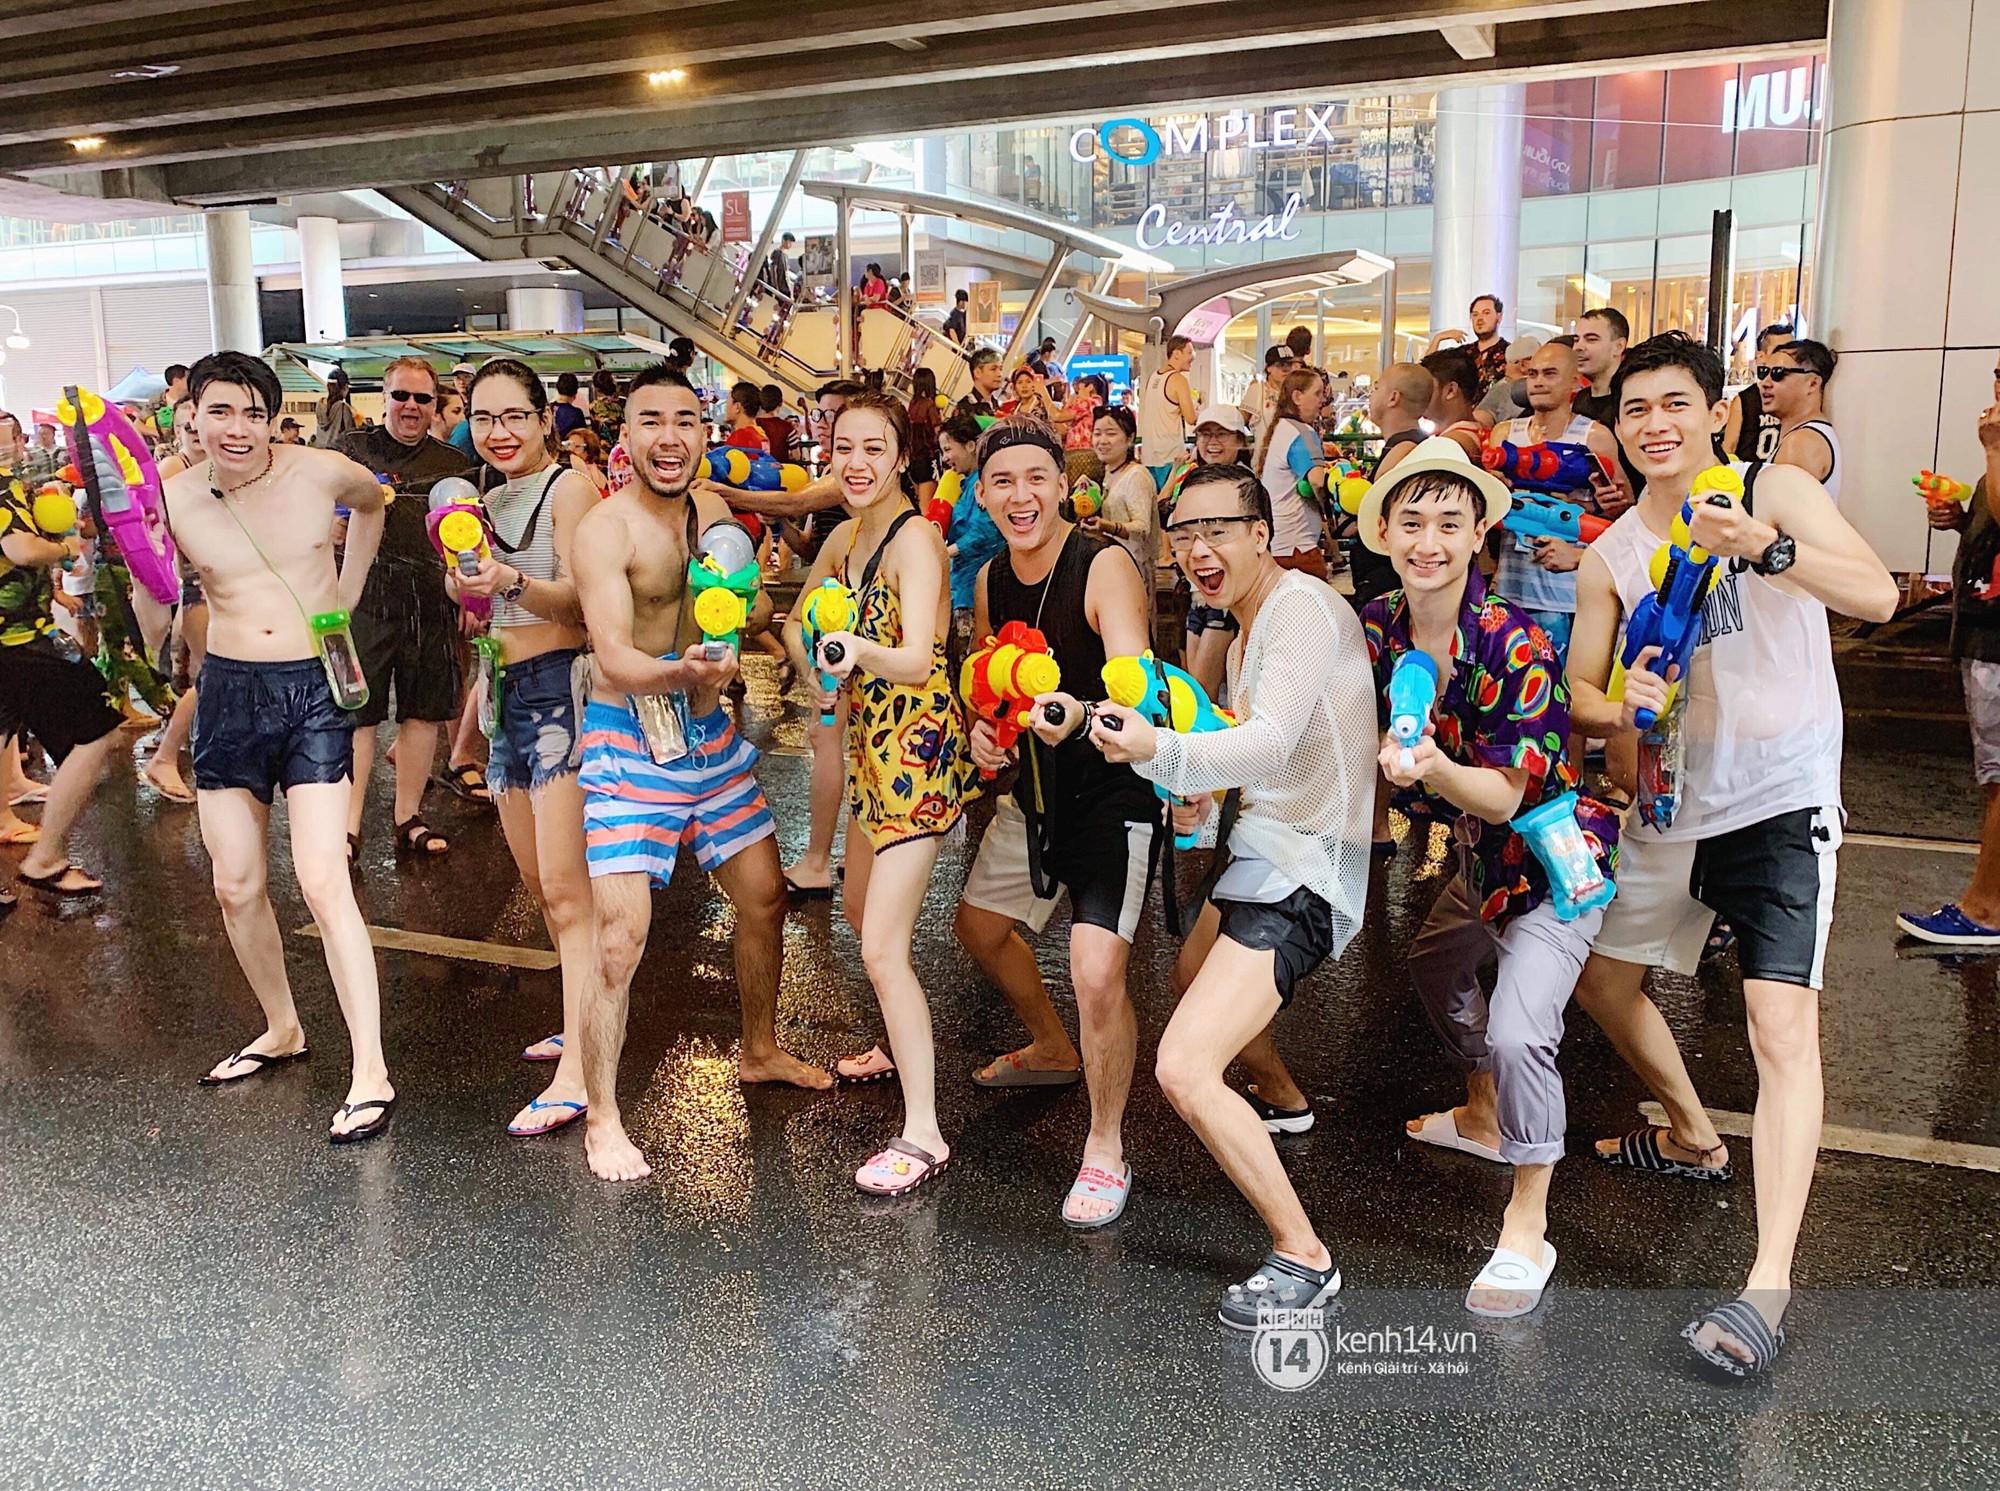 Hàng ngàn bạn trẻ Việt đang đổ về Bangkok để hoà vào dòng người chơi té nước Songkran! - Ảnh 10.